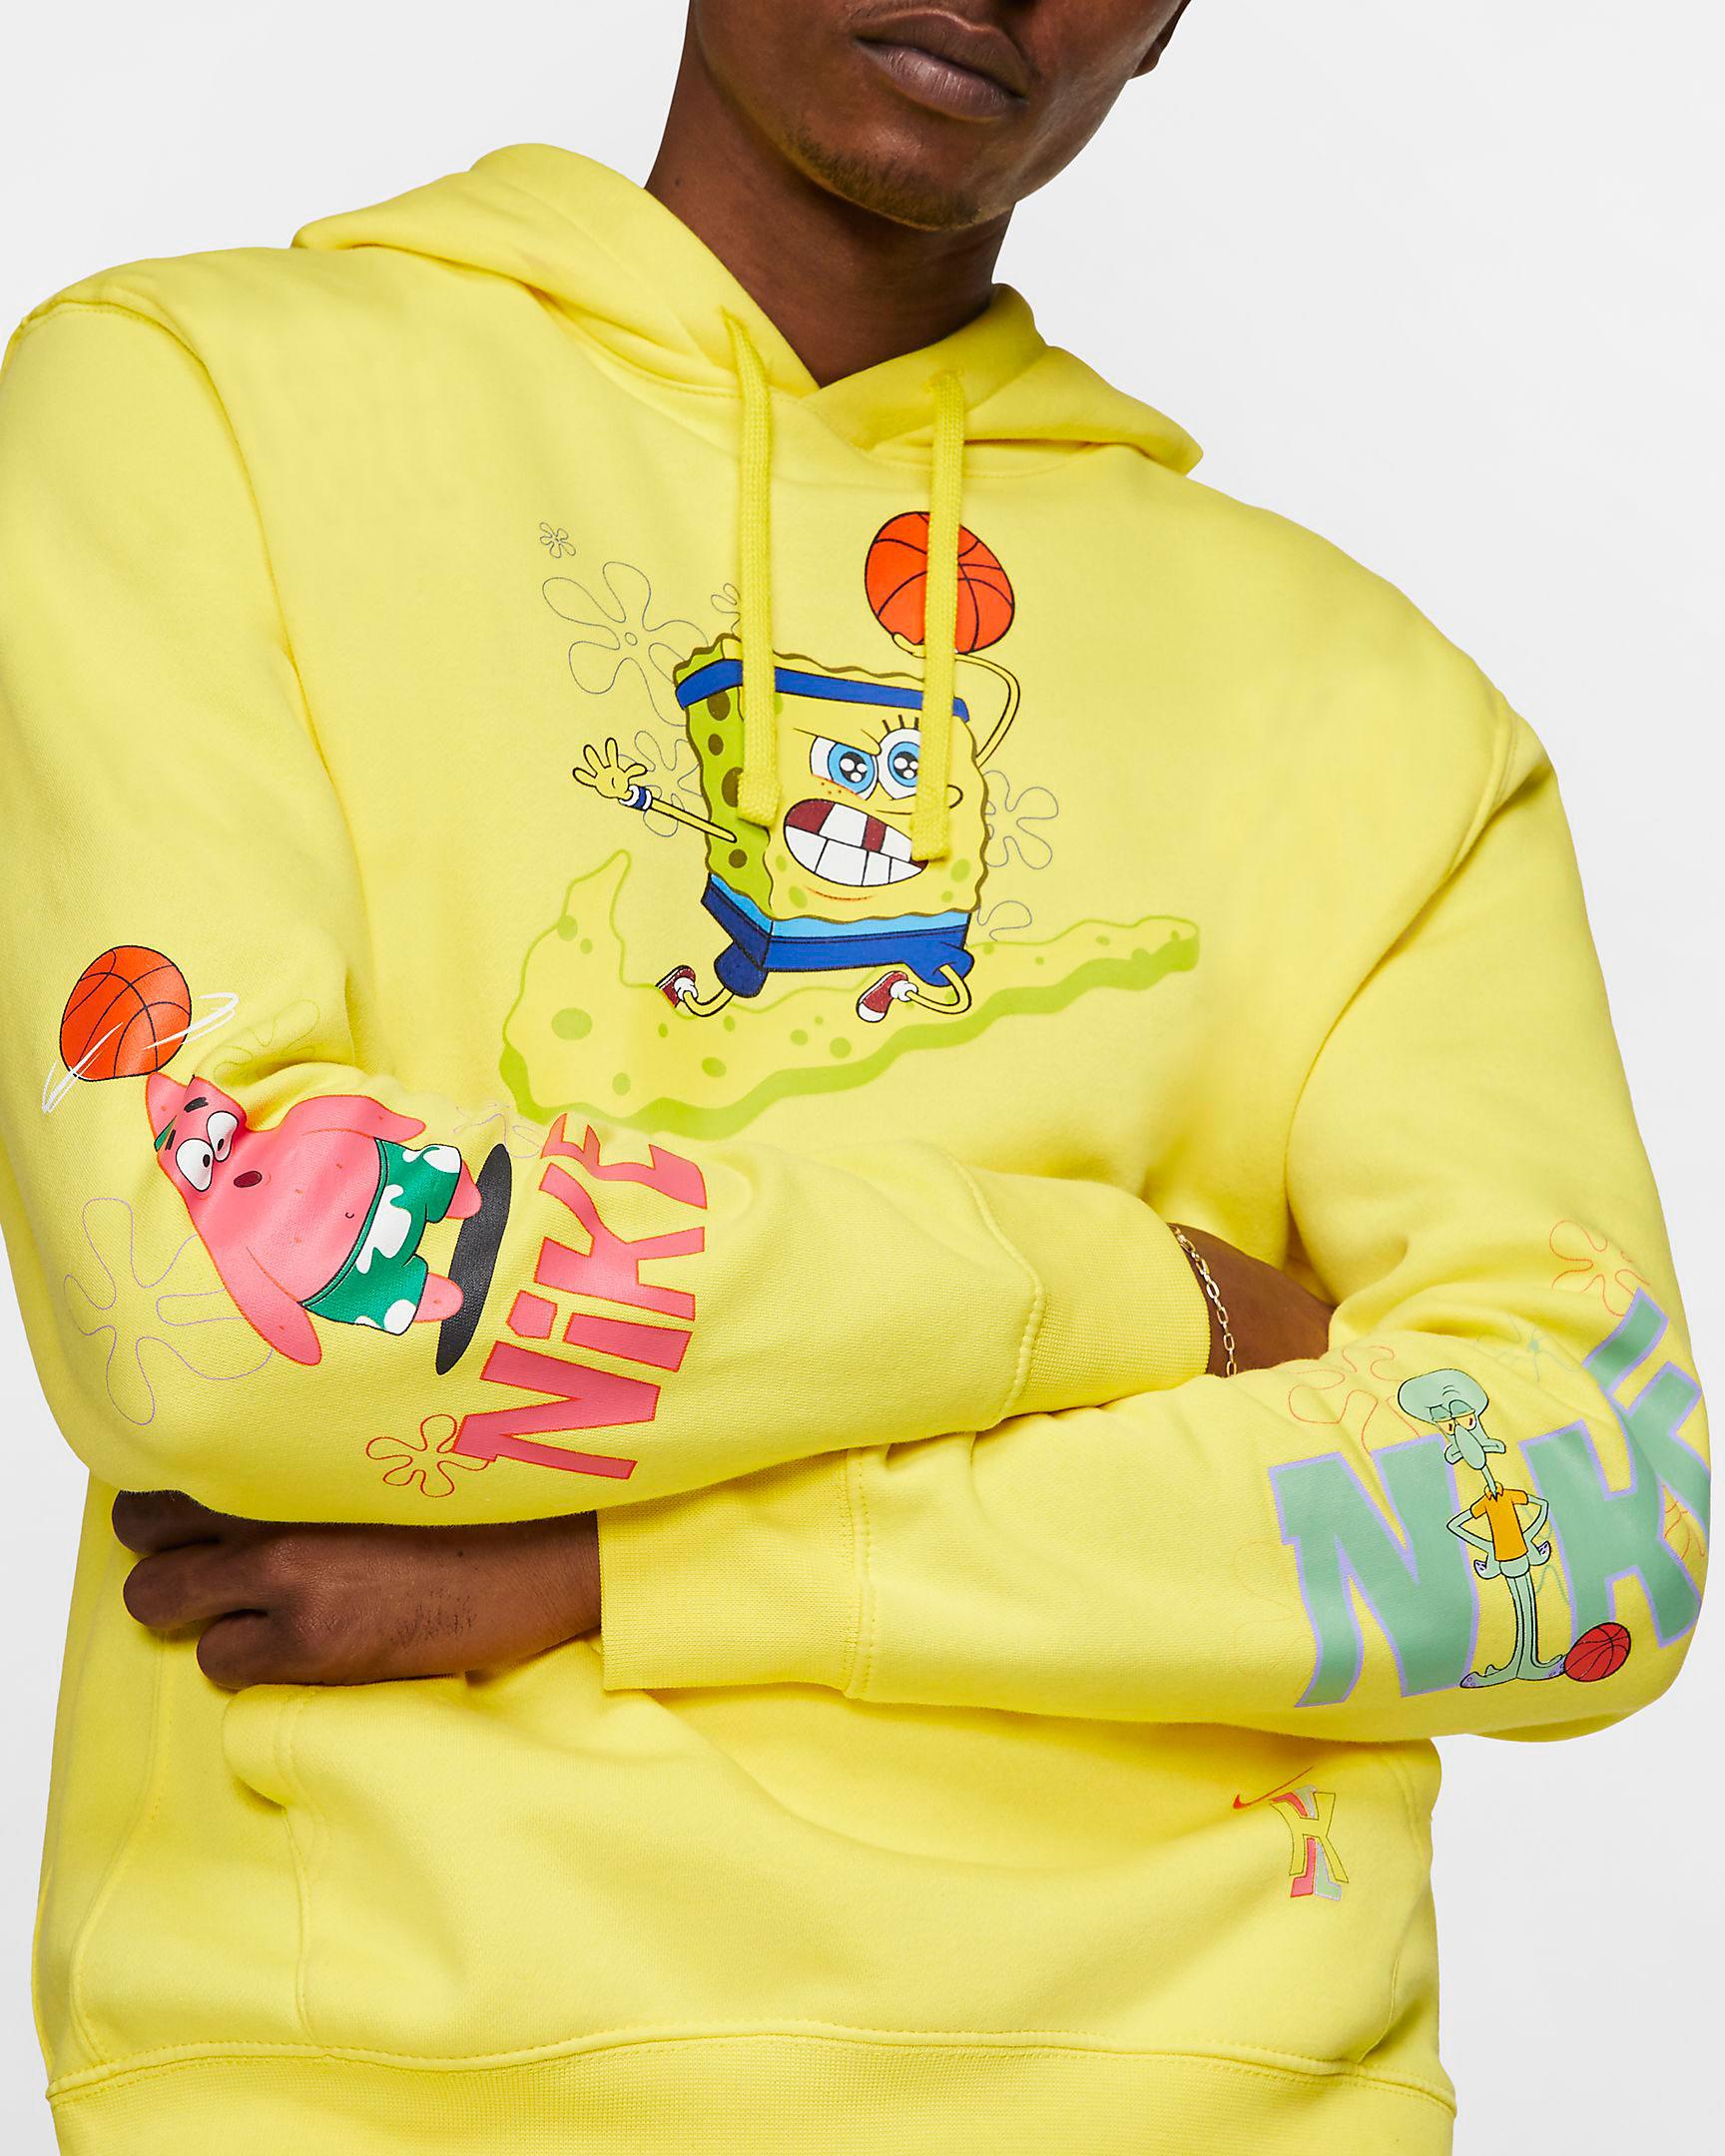 spongebob-kyrie-nike-hoodie-1